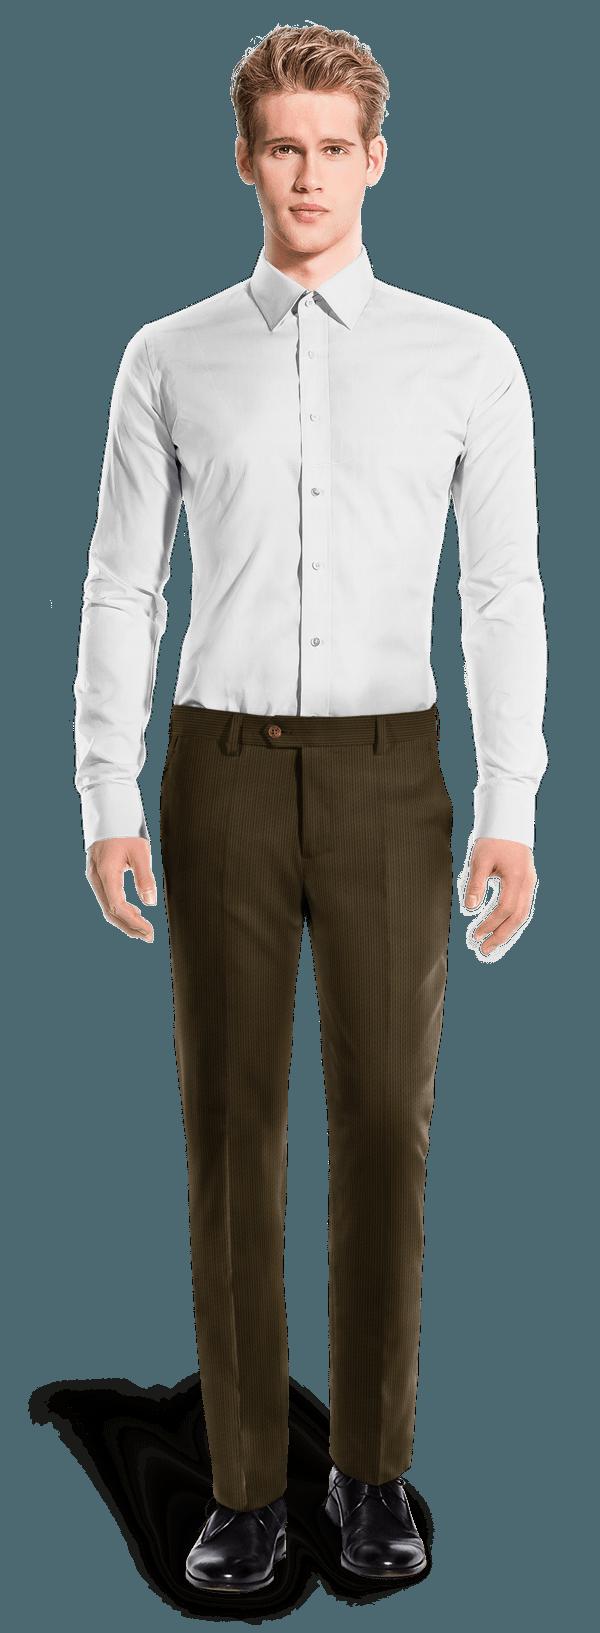 Braune gerade Passform Hose aus Cord